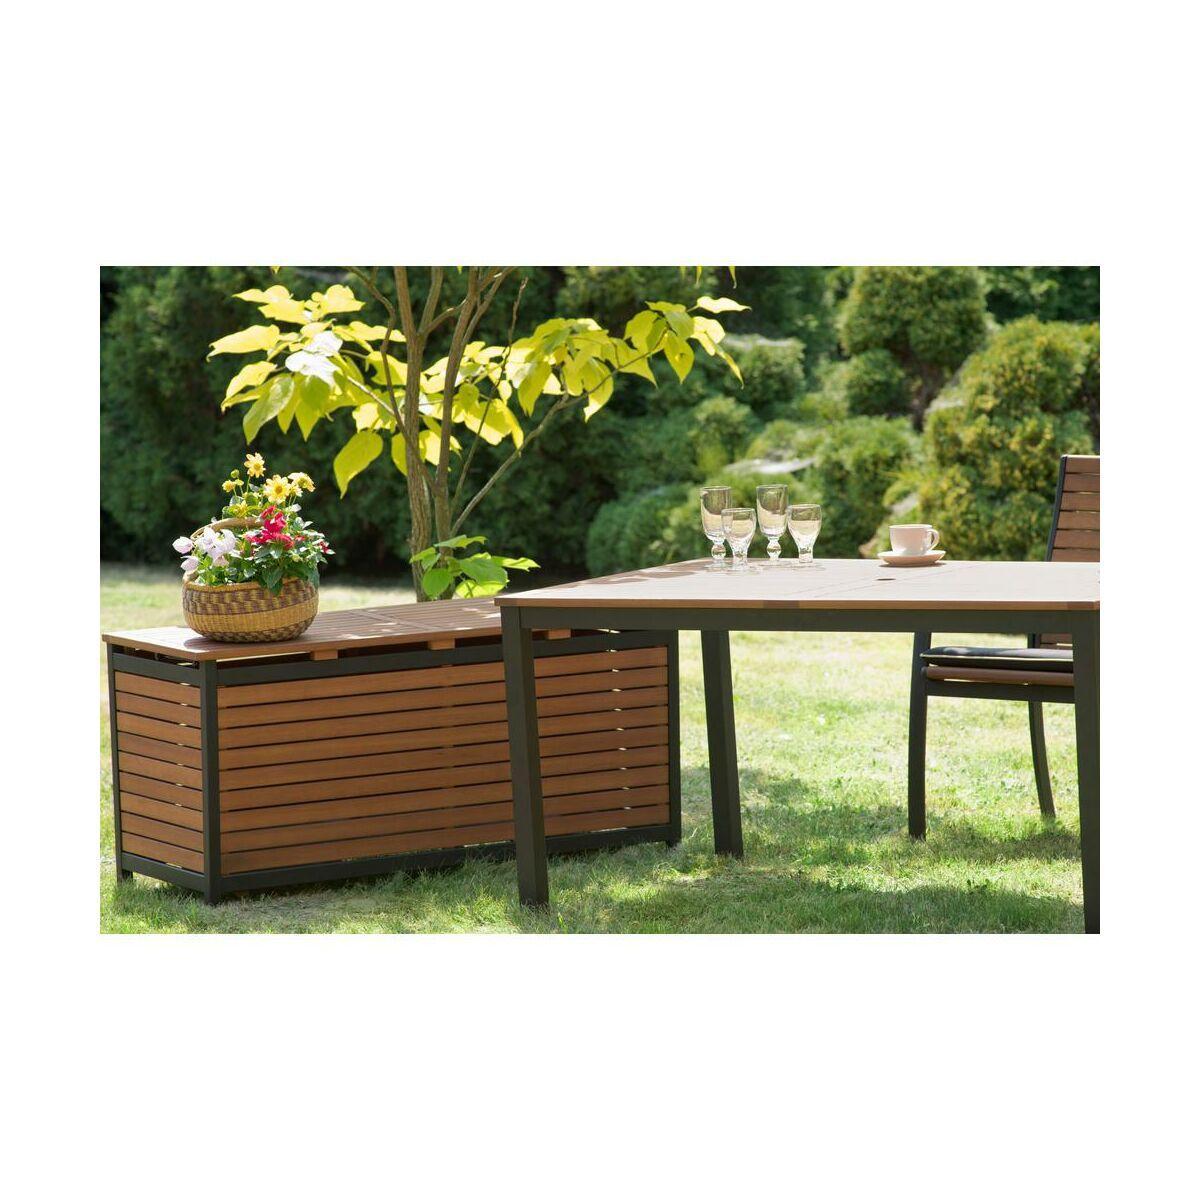 Stół ogrodowy CORAL  Serie mebli ogrodowych  w atrakcyjnej cenie w